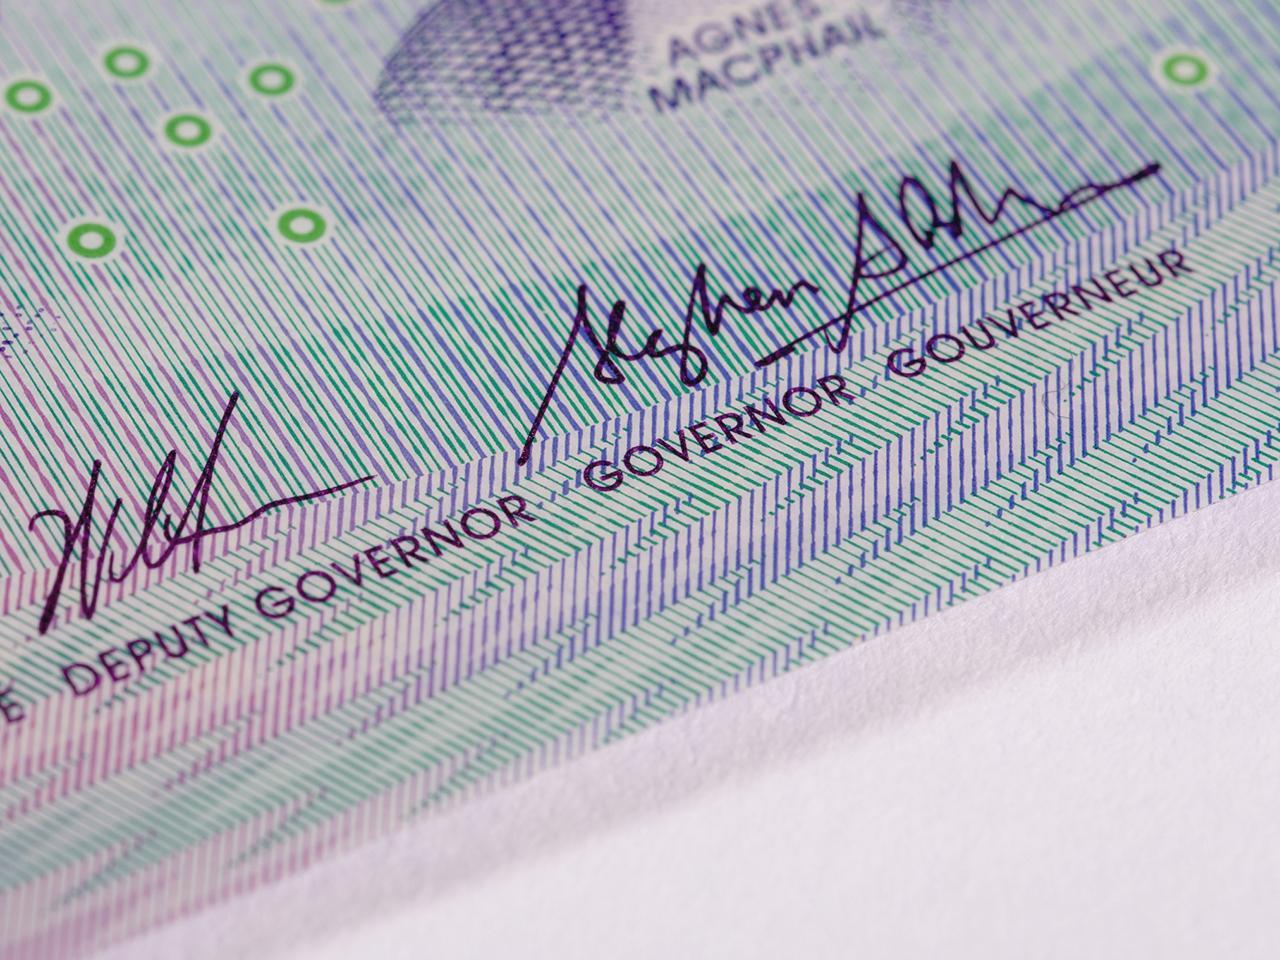 image d'un billet de banque : motif en dents de scie